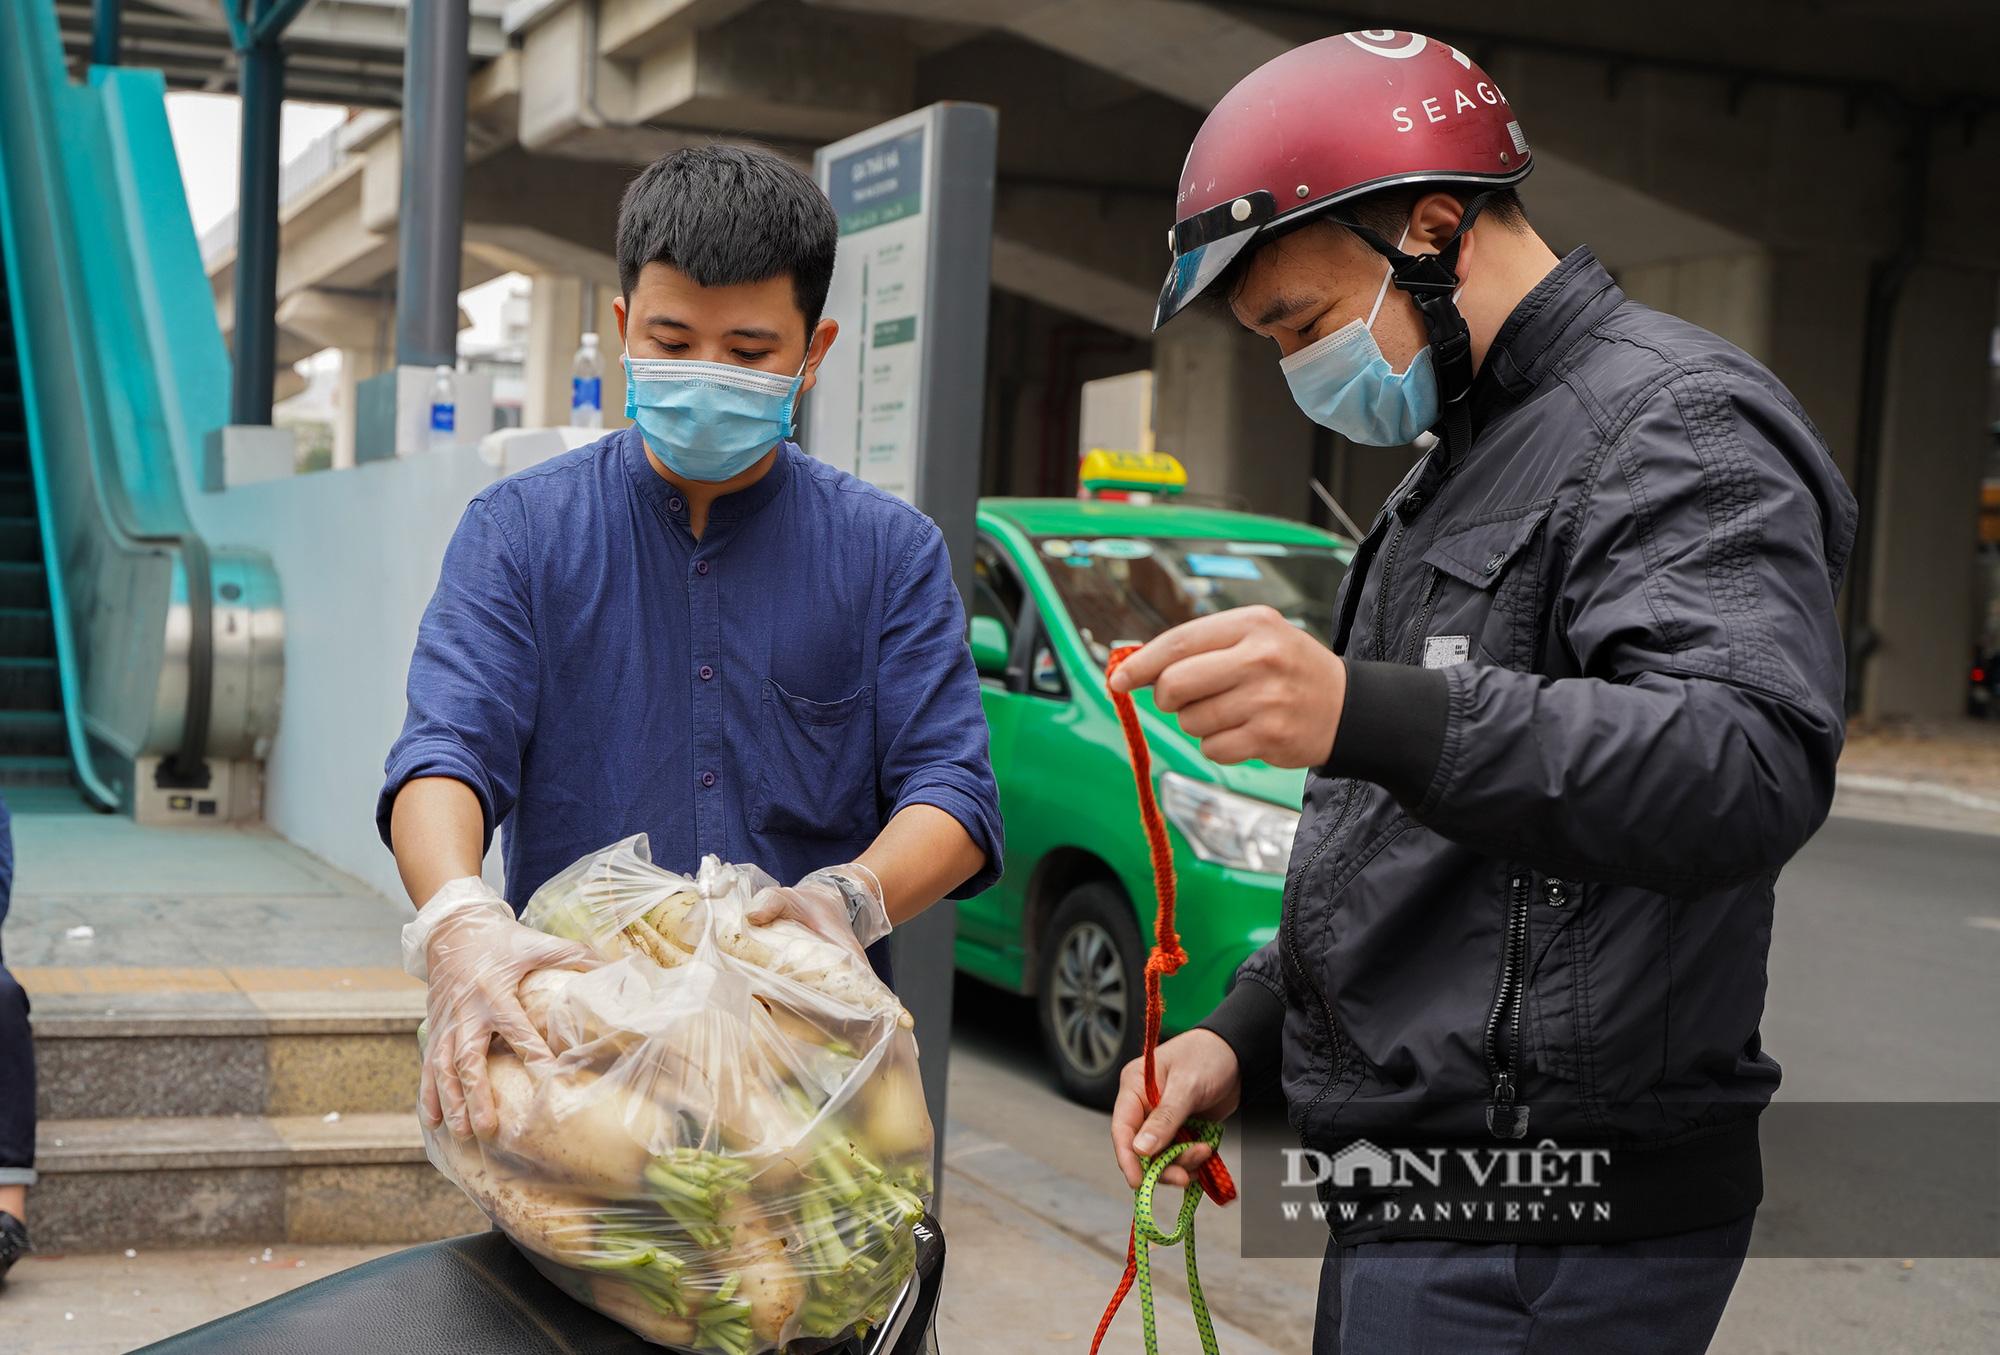 Hơn 4 tấn nông sản ở Mê Linh được giải cứu trong sáng nay - Ảnh 5.